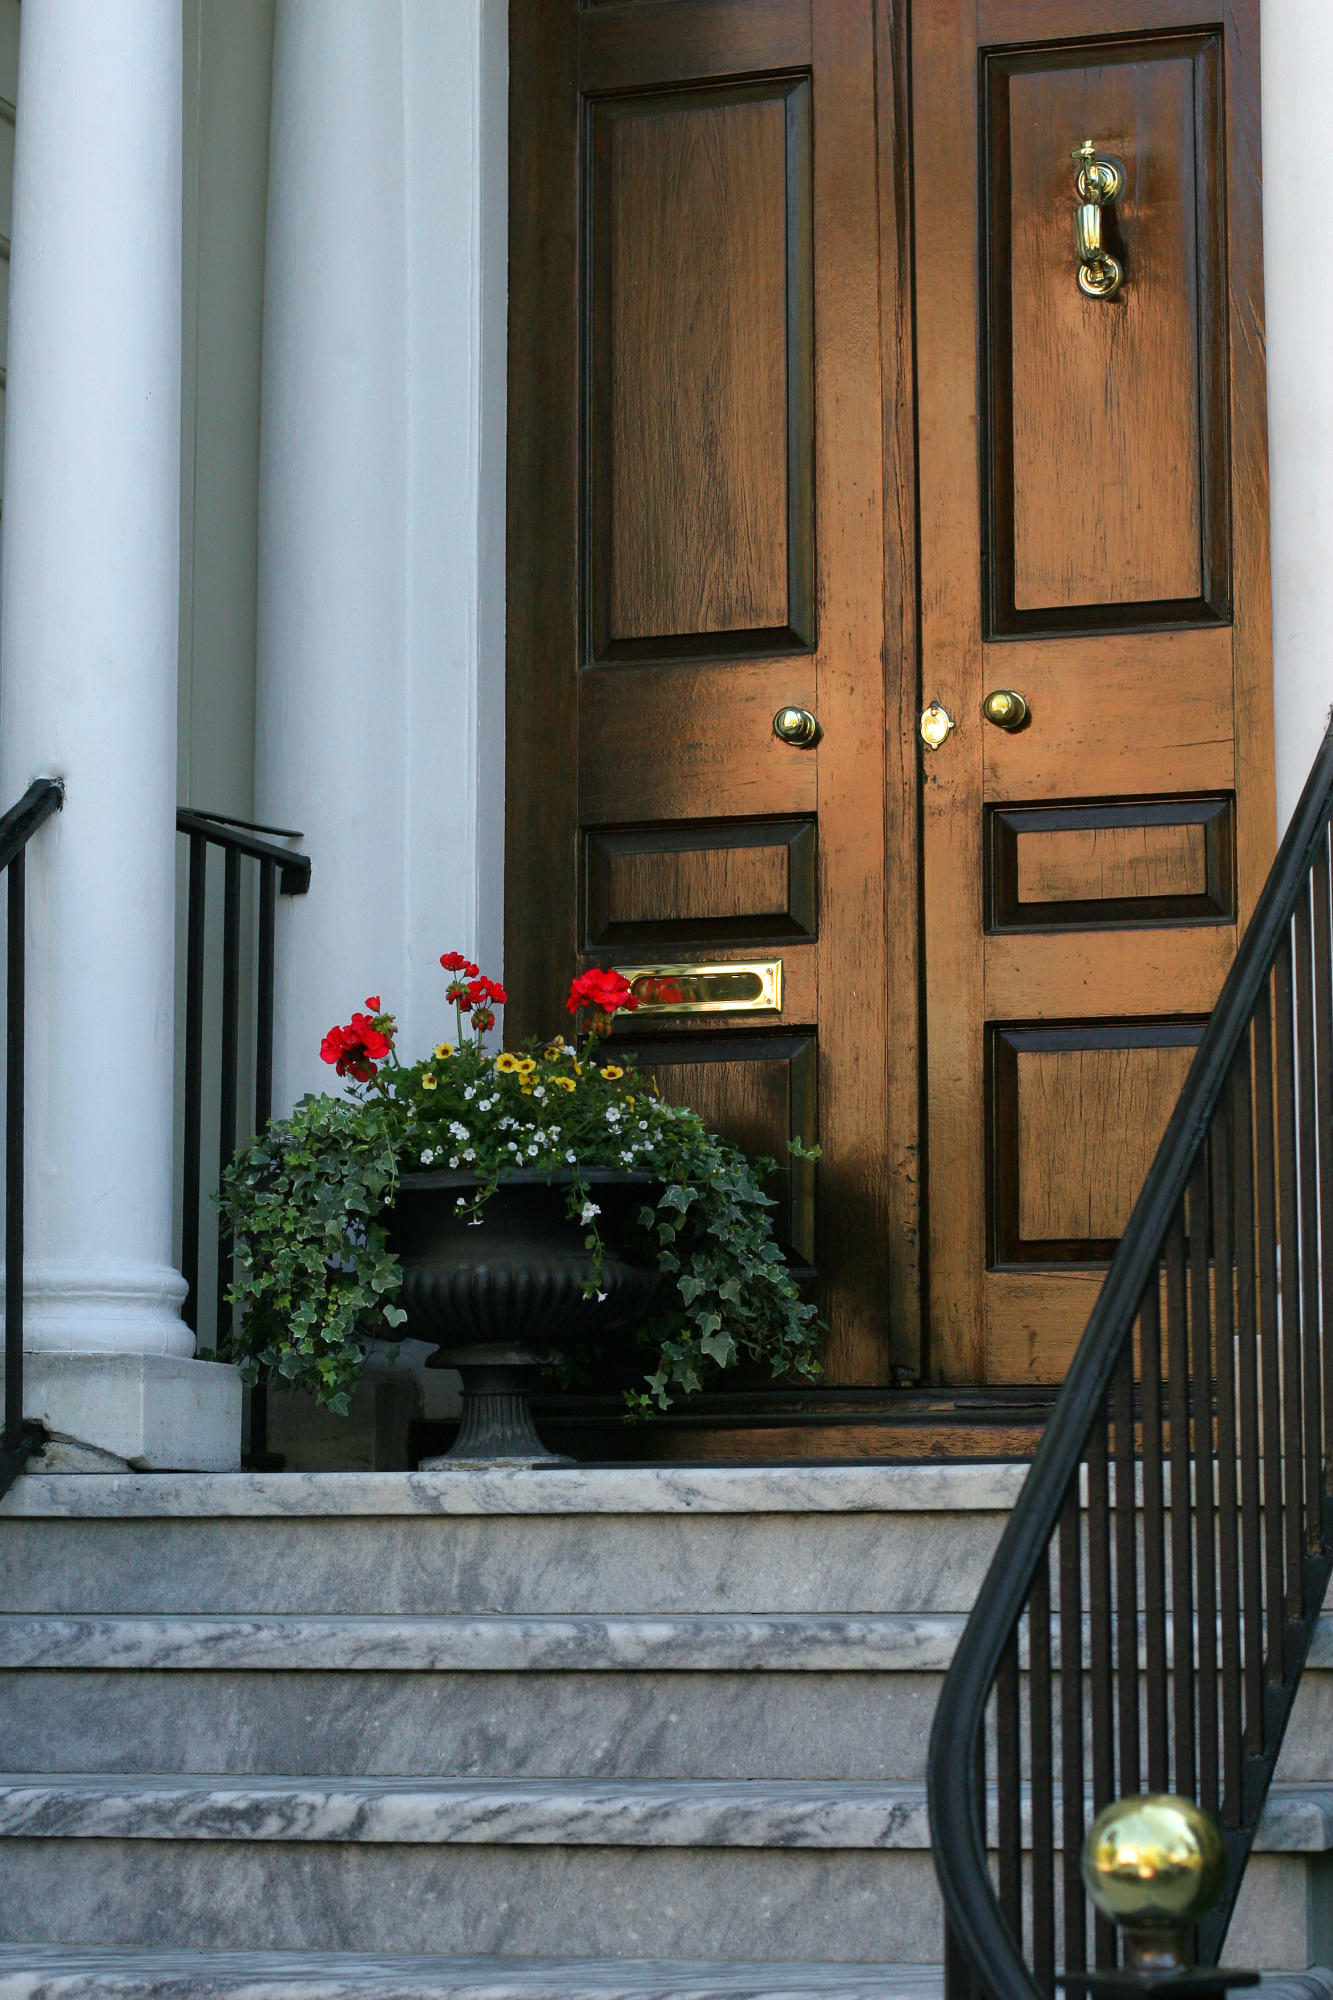 12 Meeting Street, Charleston, SC 29401 (MLS# 17005603) - Nienstedt ...